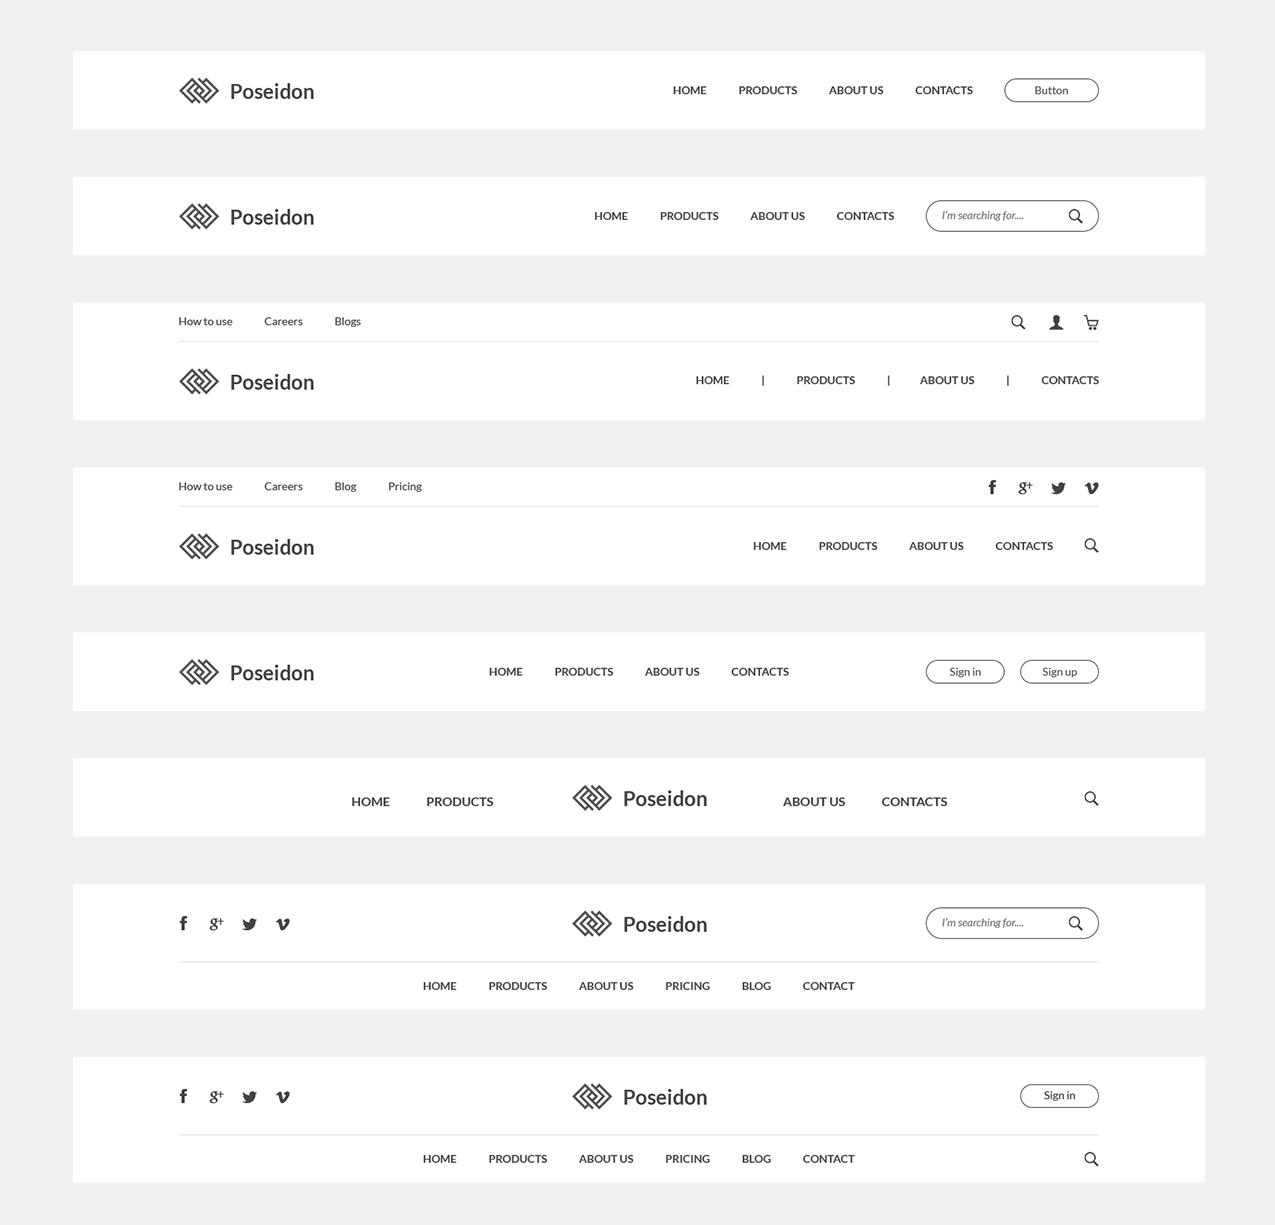 Różne układy nawigacji w widoku komputerowym